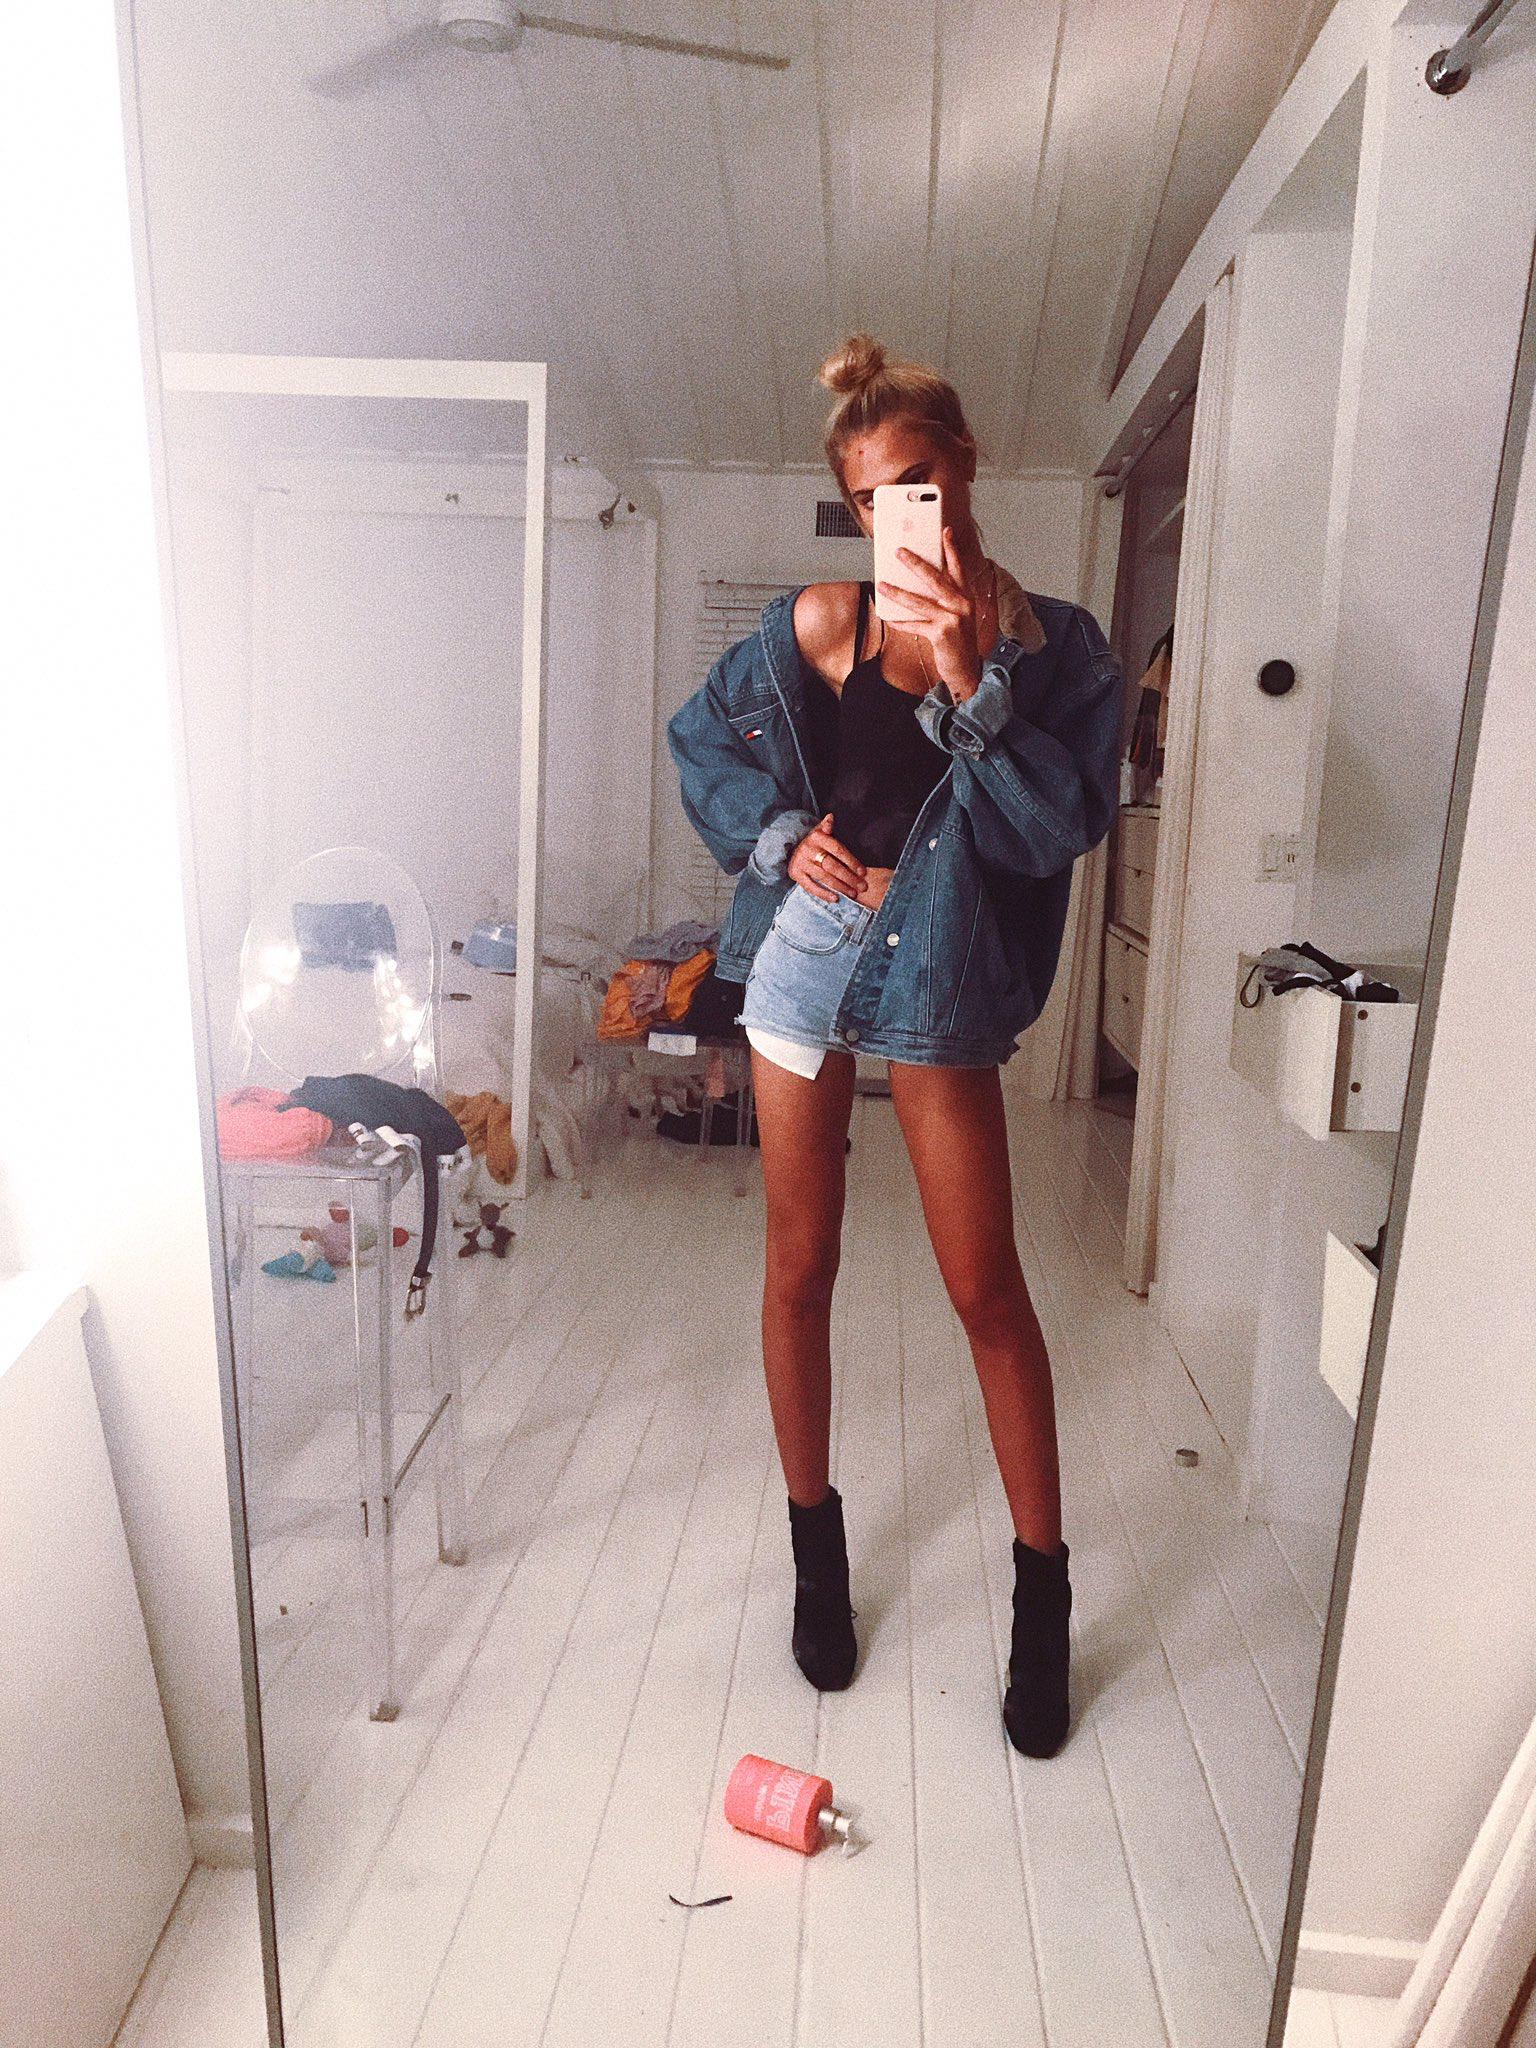 fa14e8afe844 pinterest: barbaramezza | s t y l e ⭐ in 2019 | Fashion, Summer ...